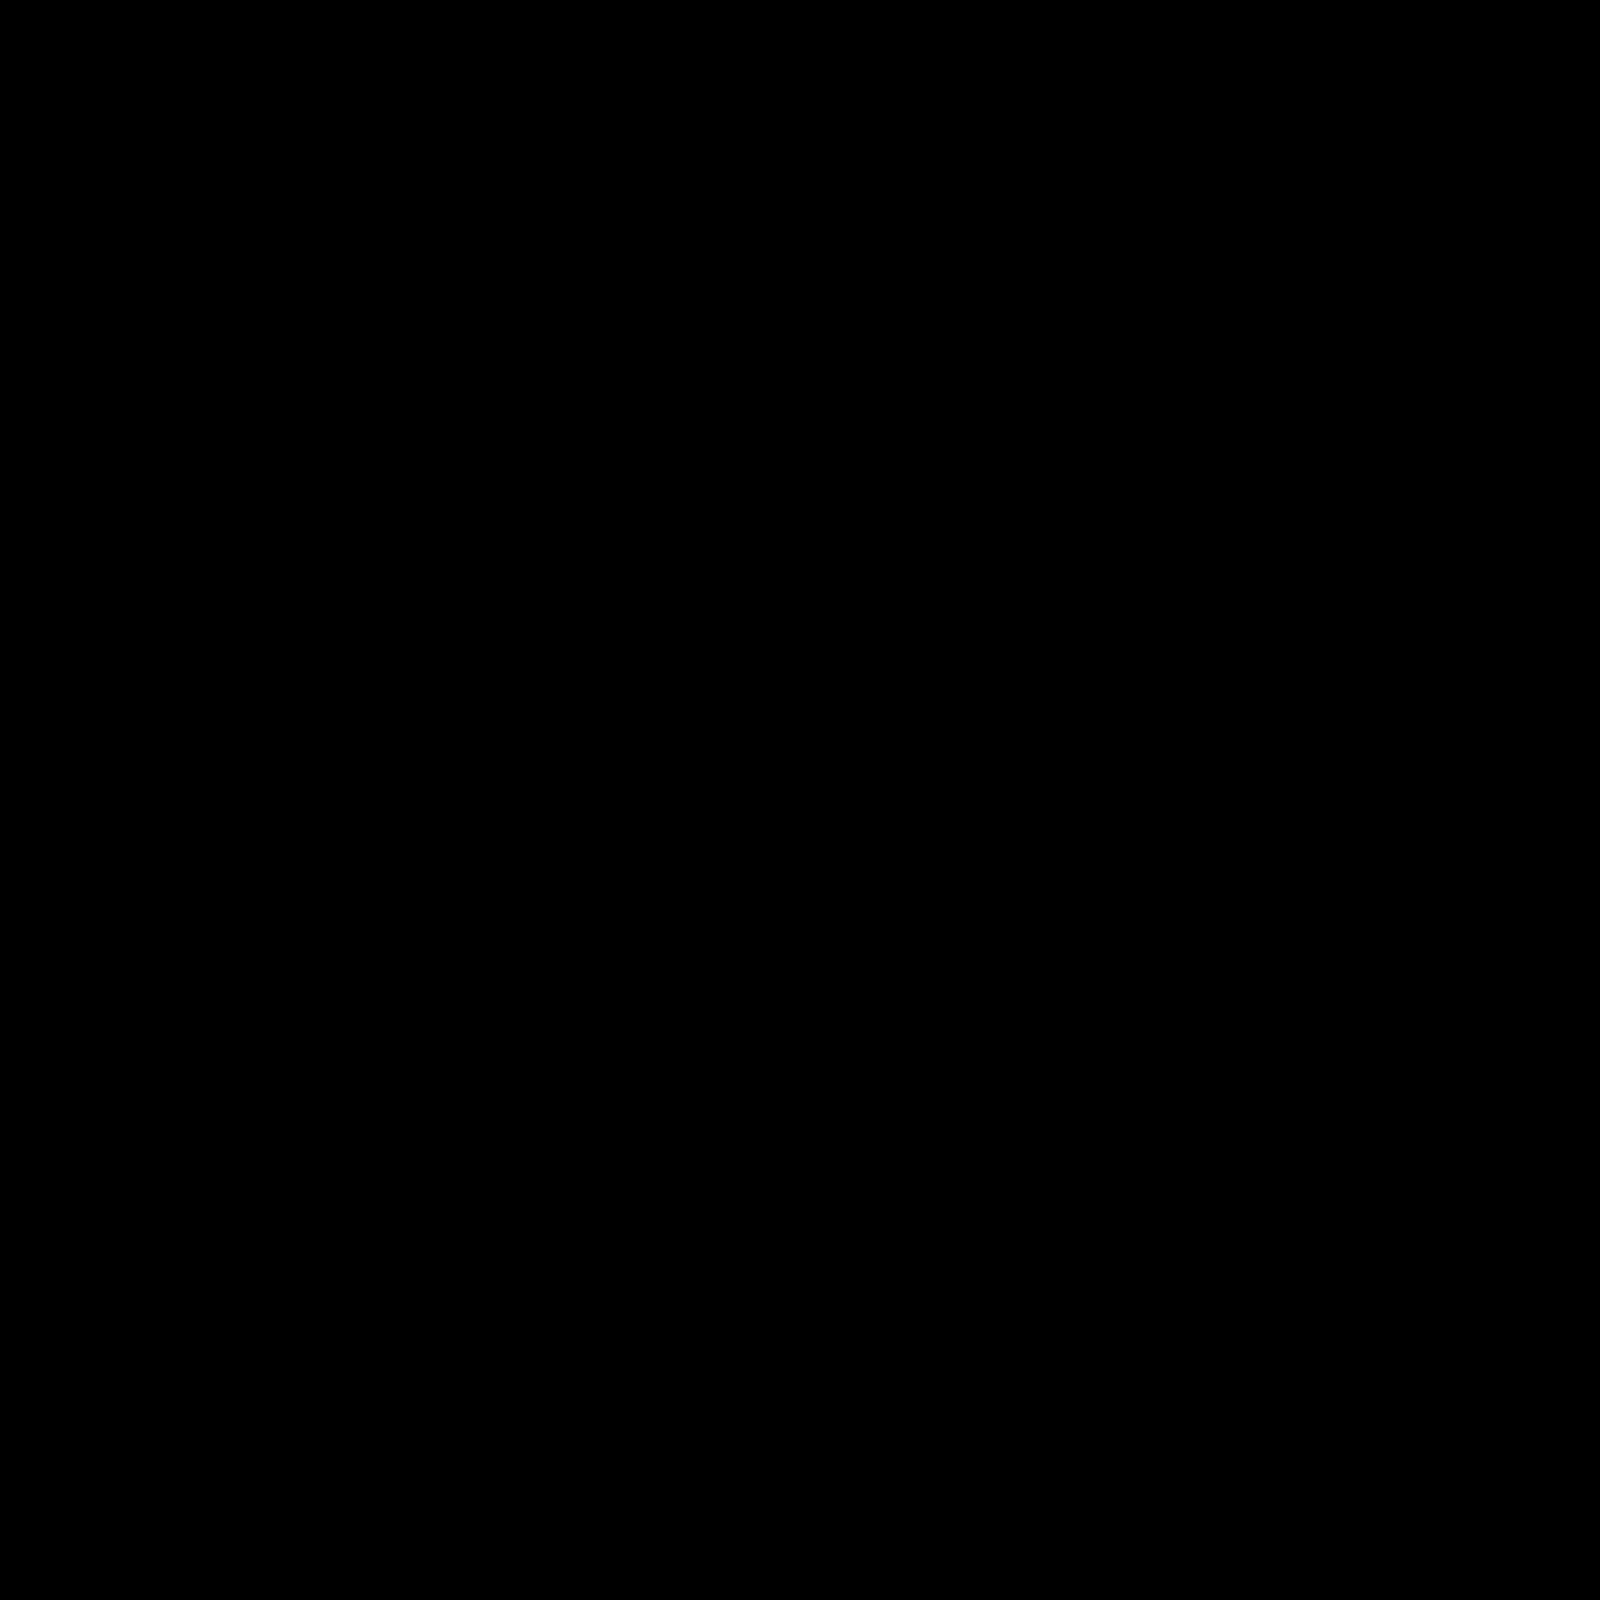 メタモルフォーゼ icon. This particular icon features three shapes that are lines up in front of each other.  The shape in the back is a square, the middle shape is a rounded square and the shape in the front is a circle.